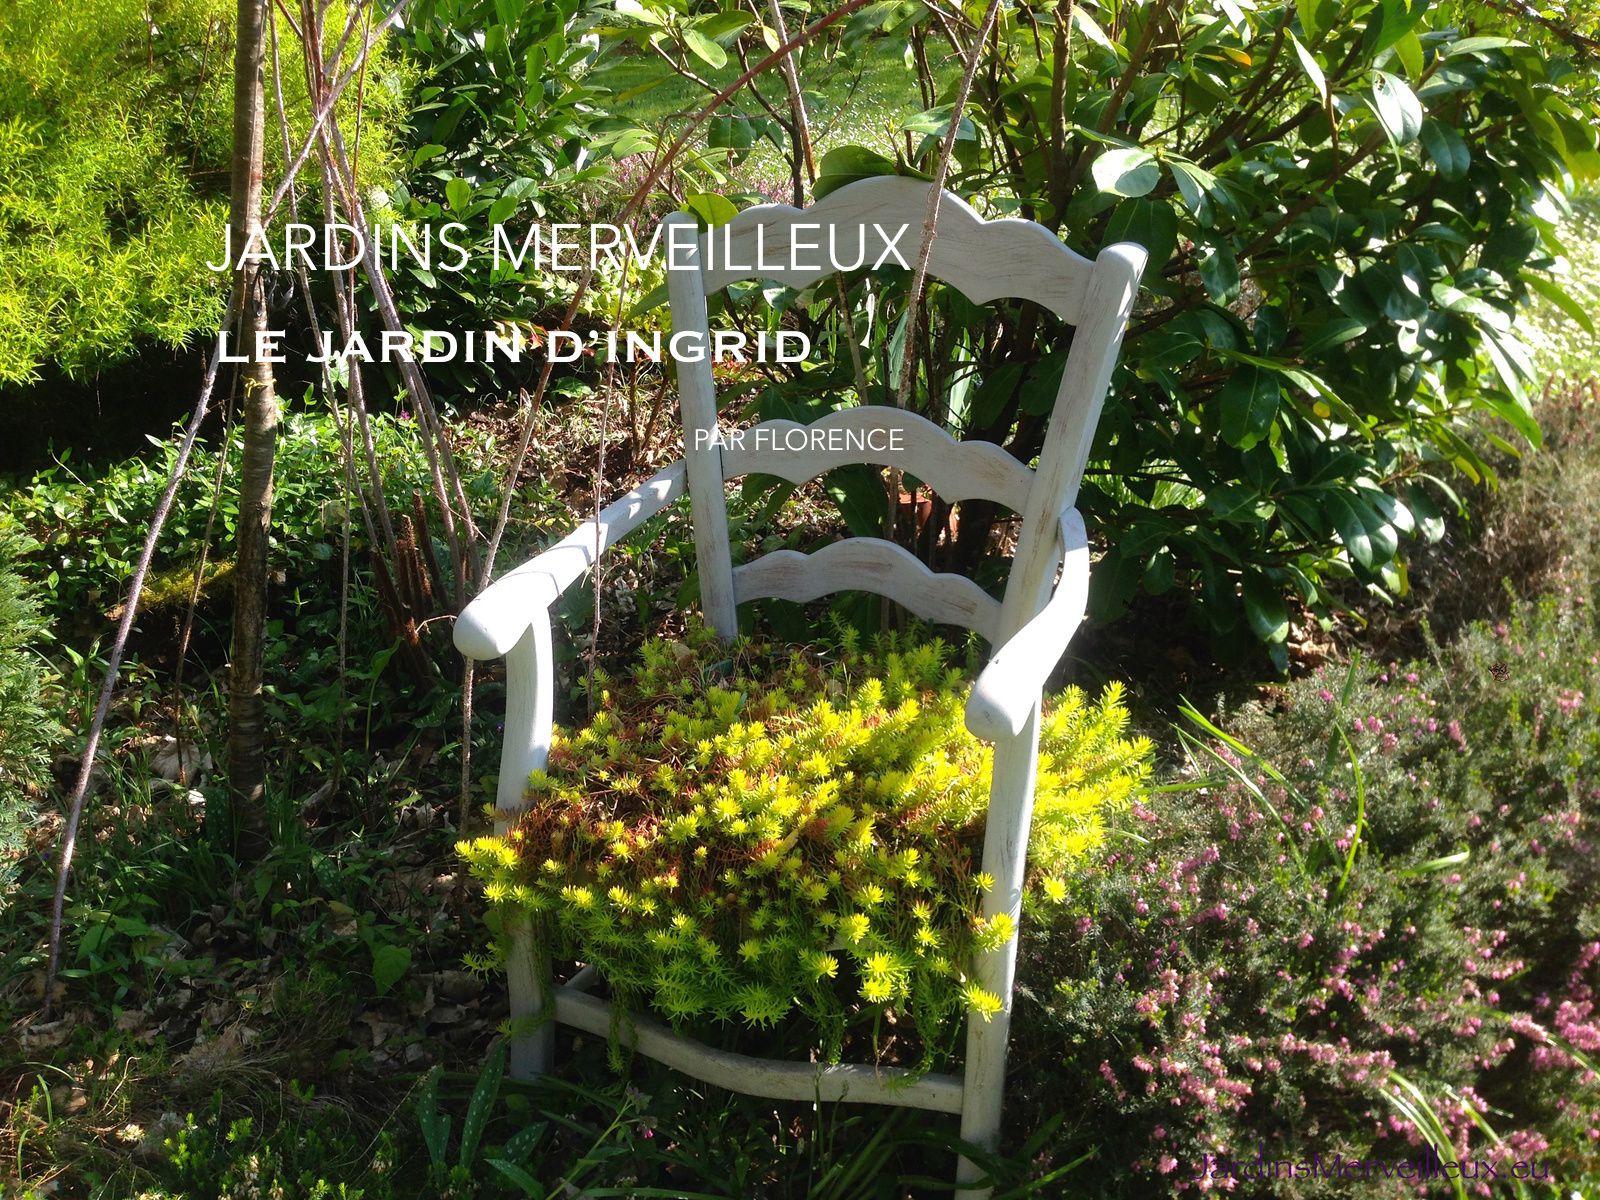 Le Jardin d'Ingrid ou le Paradis d'une passionnée - Dordogne